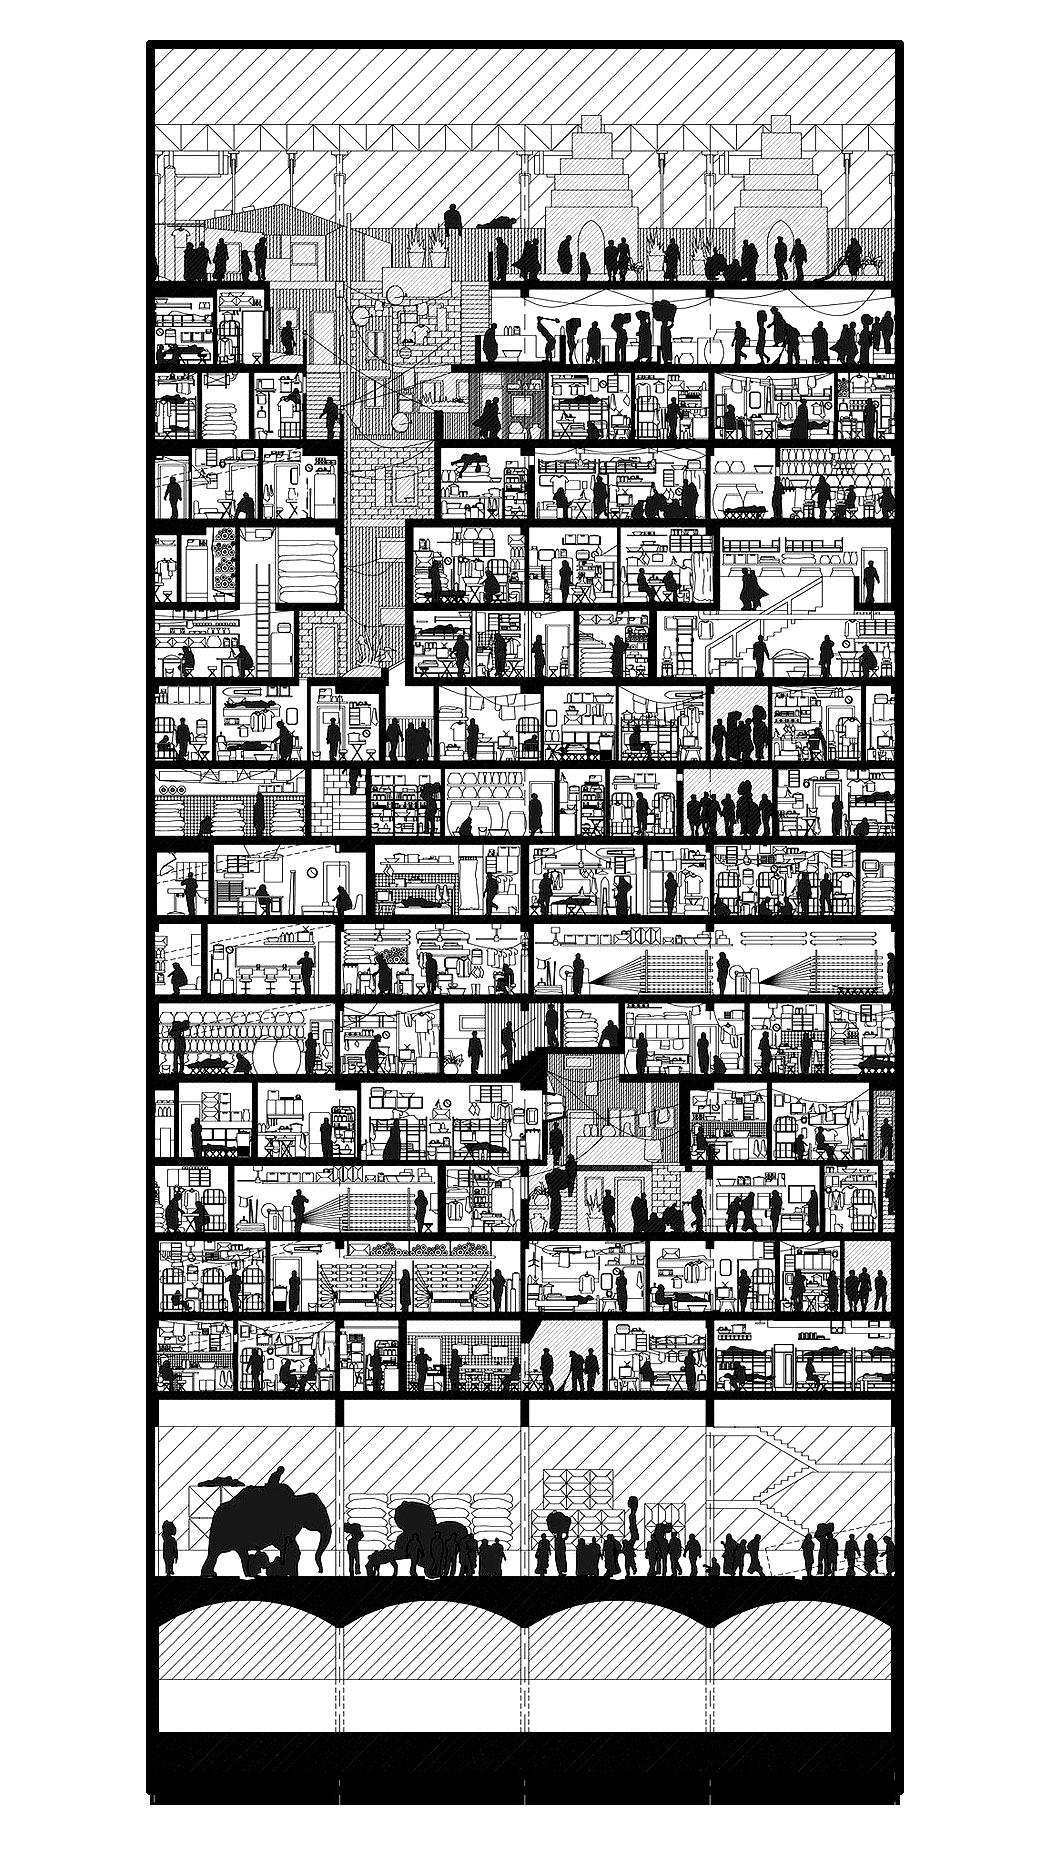 La vie dans un building